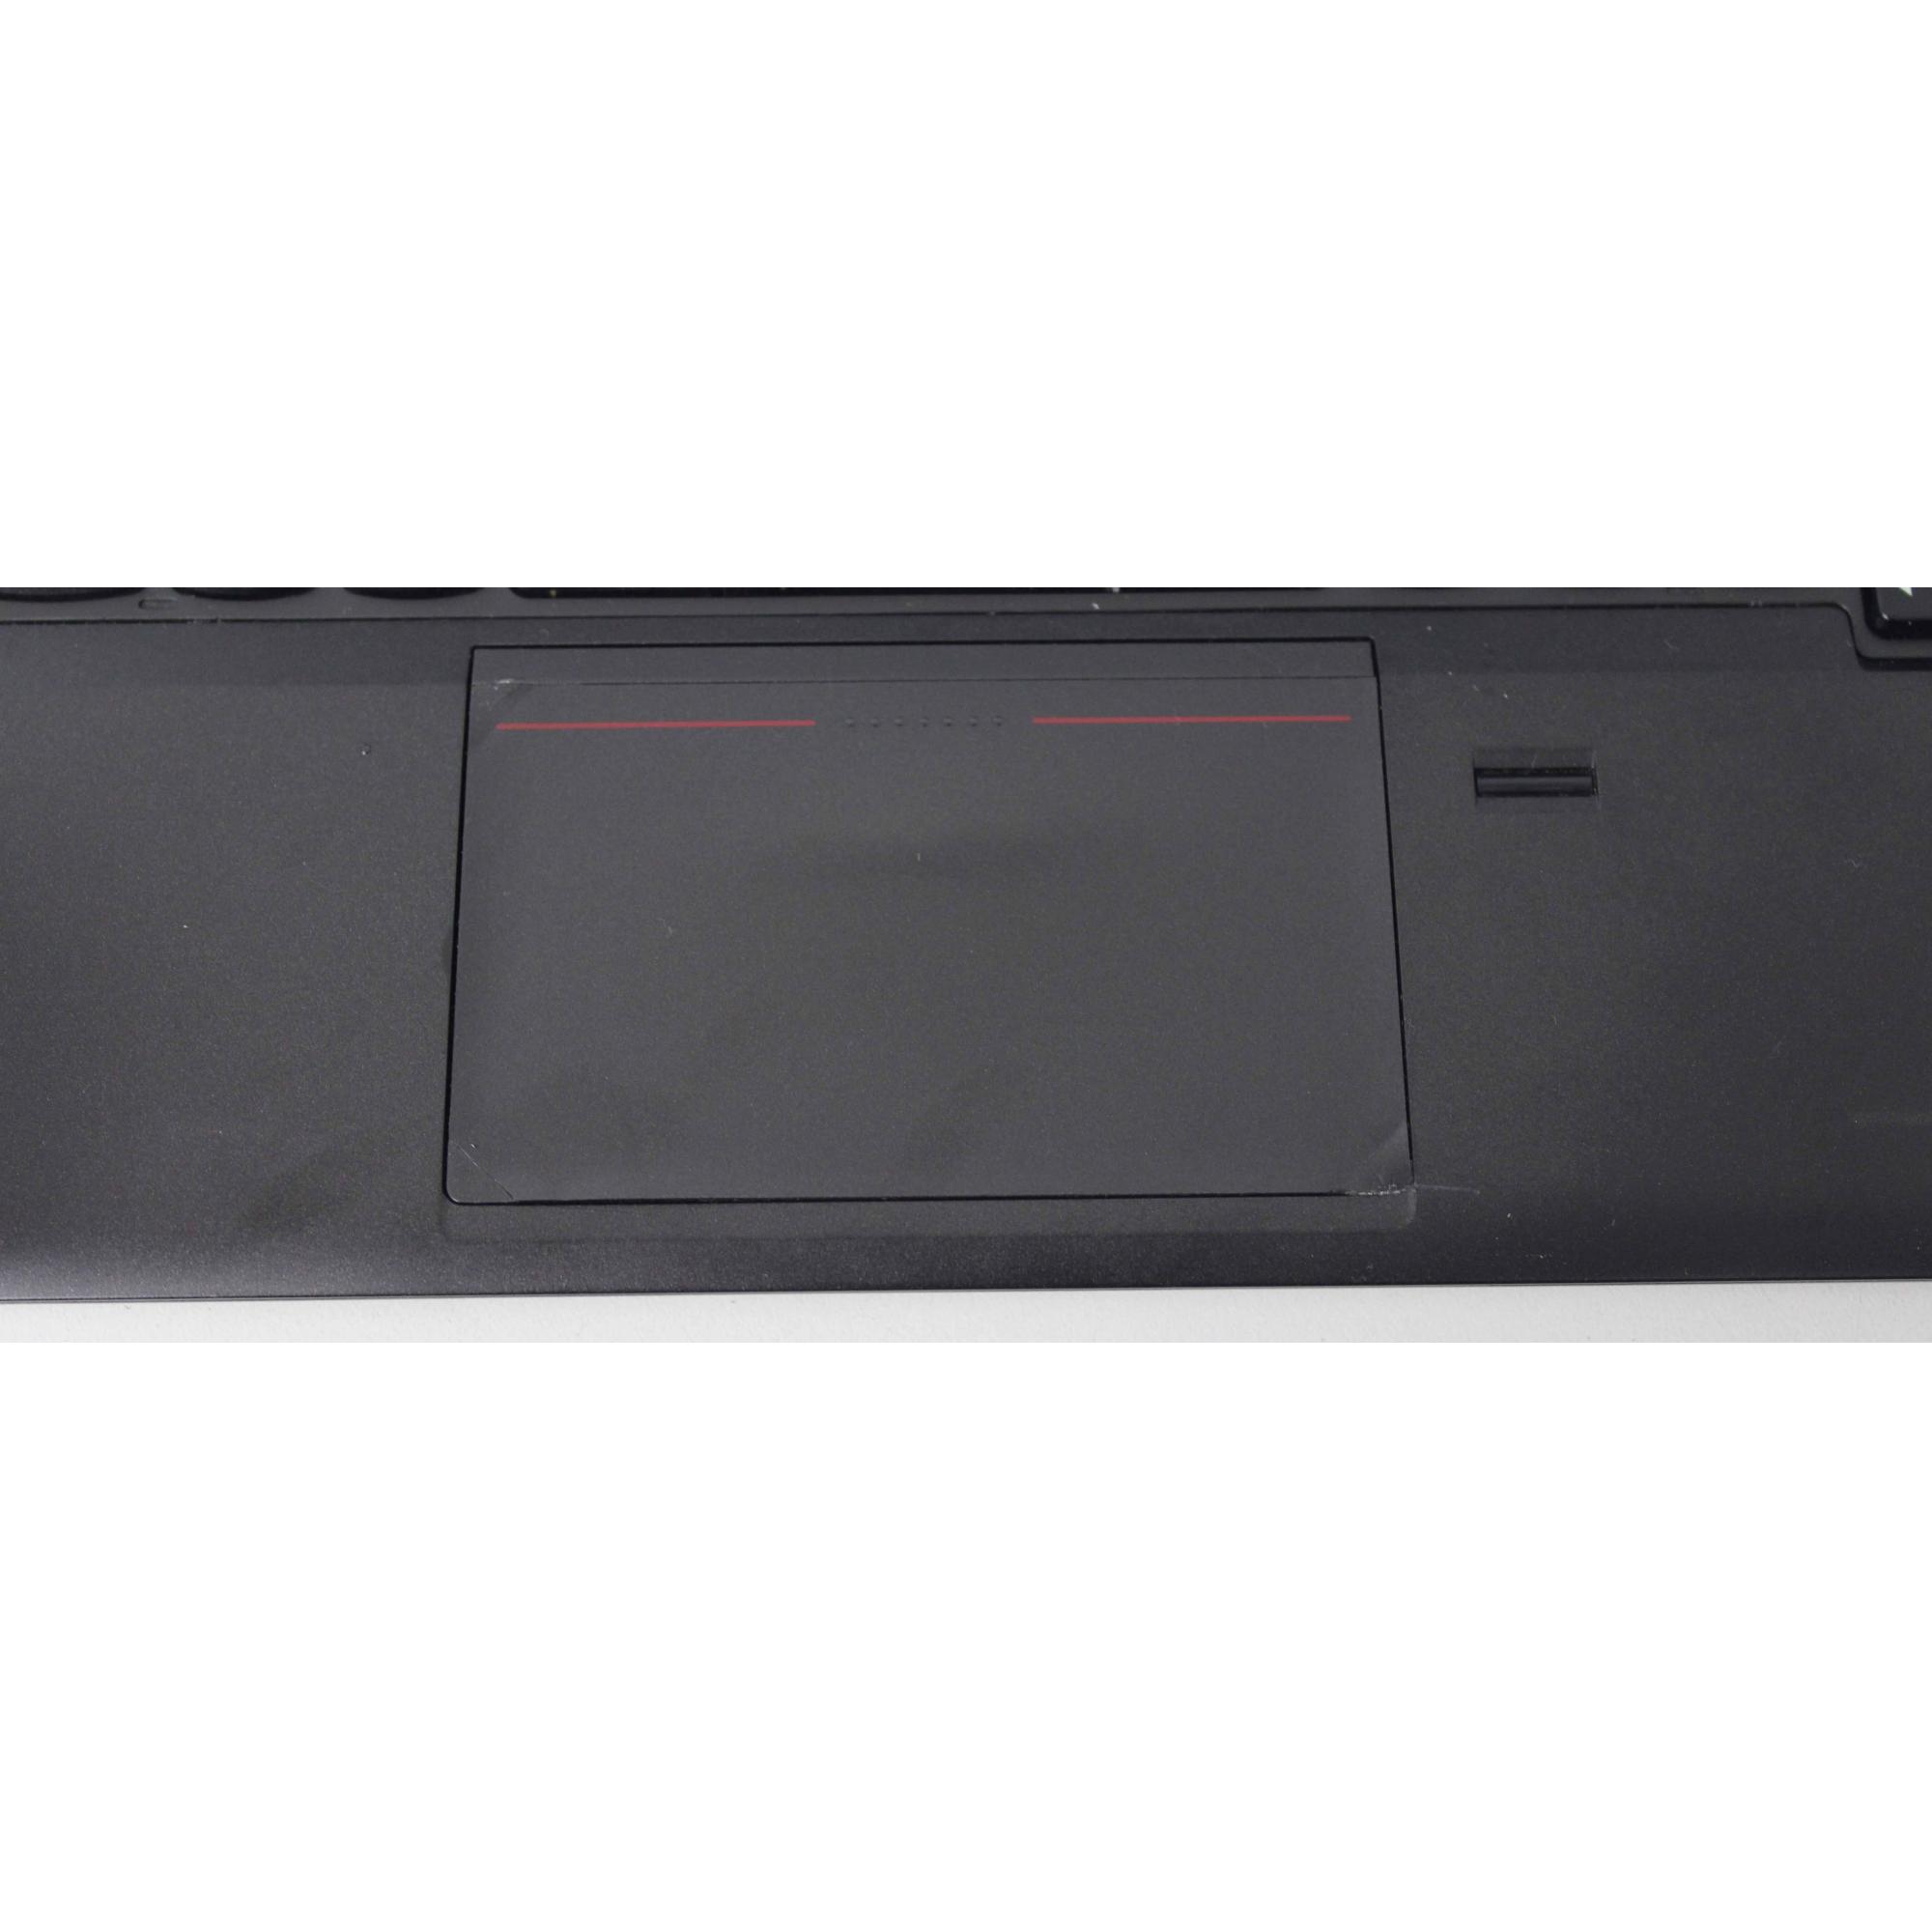 NOTEBOOK LENOVO THINKPAD E431 14'' INTEL CORE I5 2.6GHZ 4GB HD-500GB (Não Enviamos)